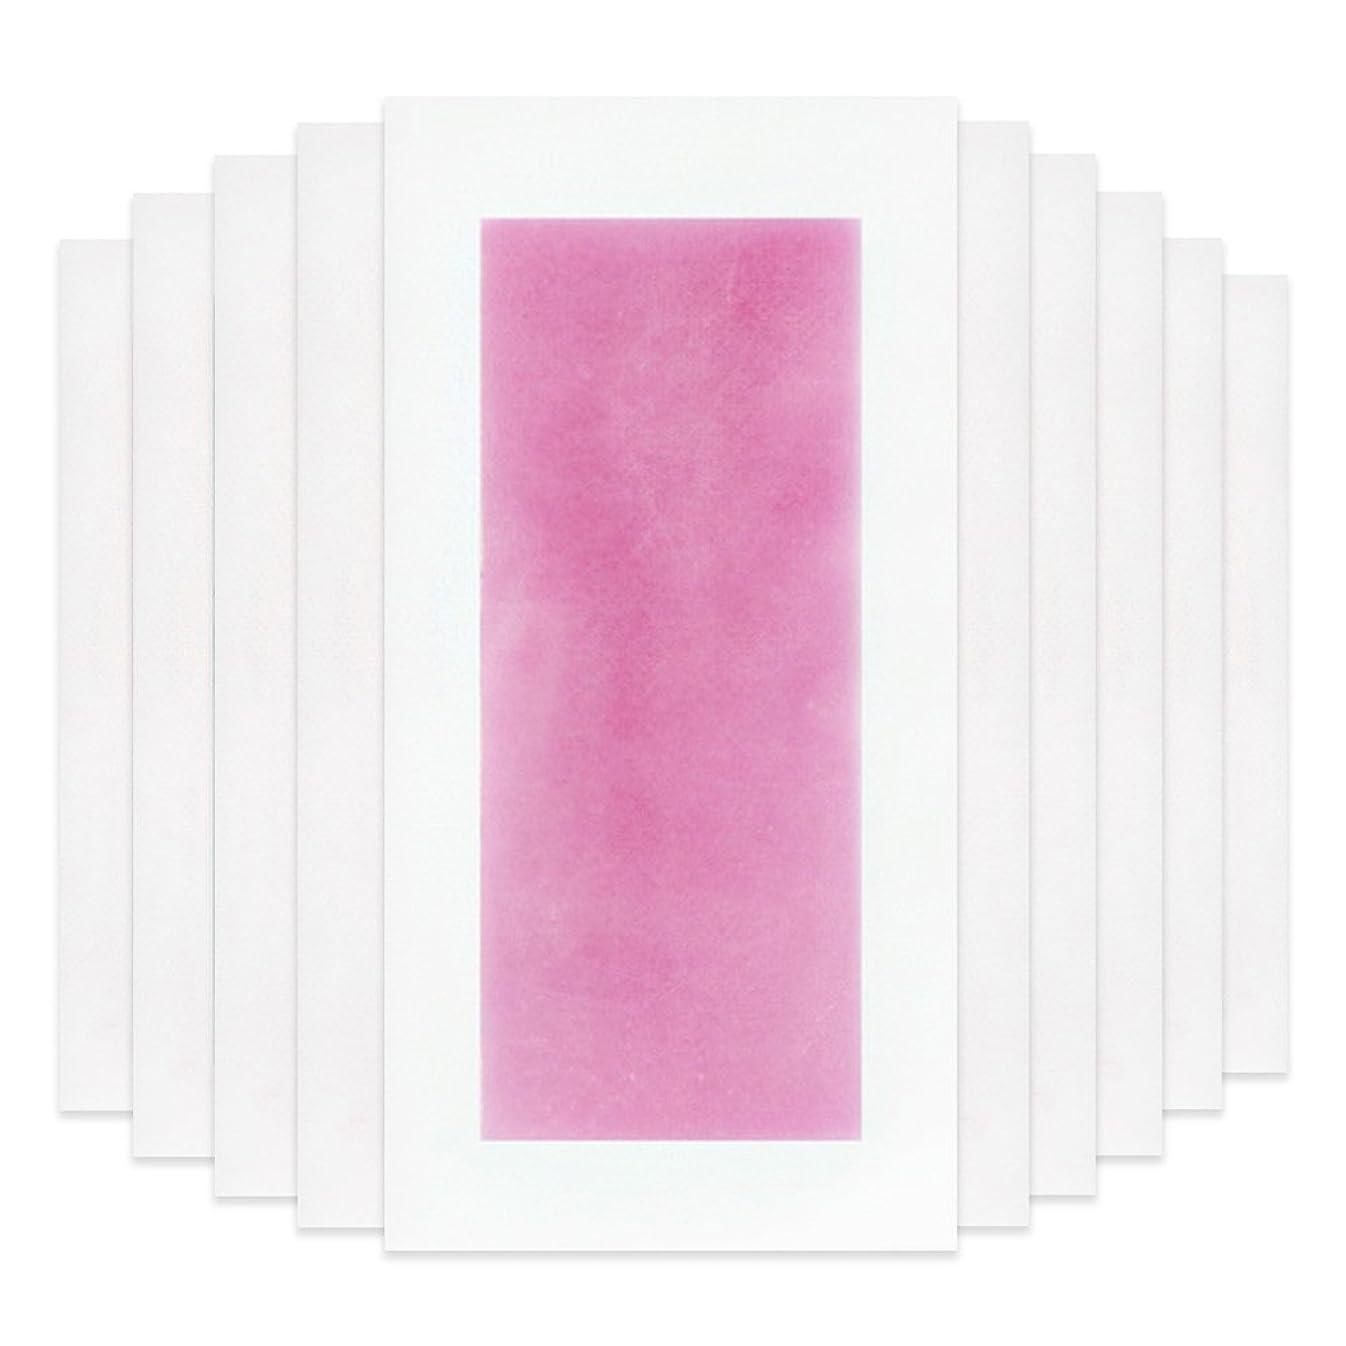 火星学士講堂Rabugoo セクシー 脚の身体の顔のための10個のプロフェッショナルな夏の脱毛ダブルサイドコールドワックスストリップ紙 Pink